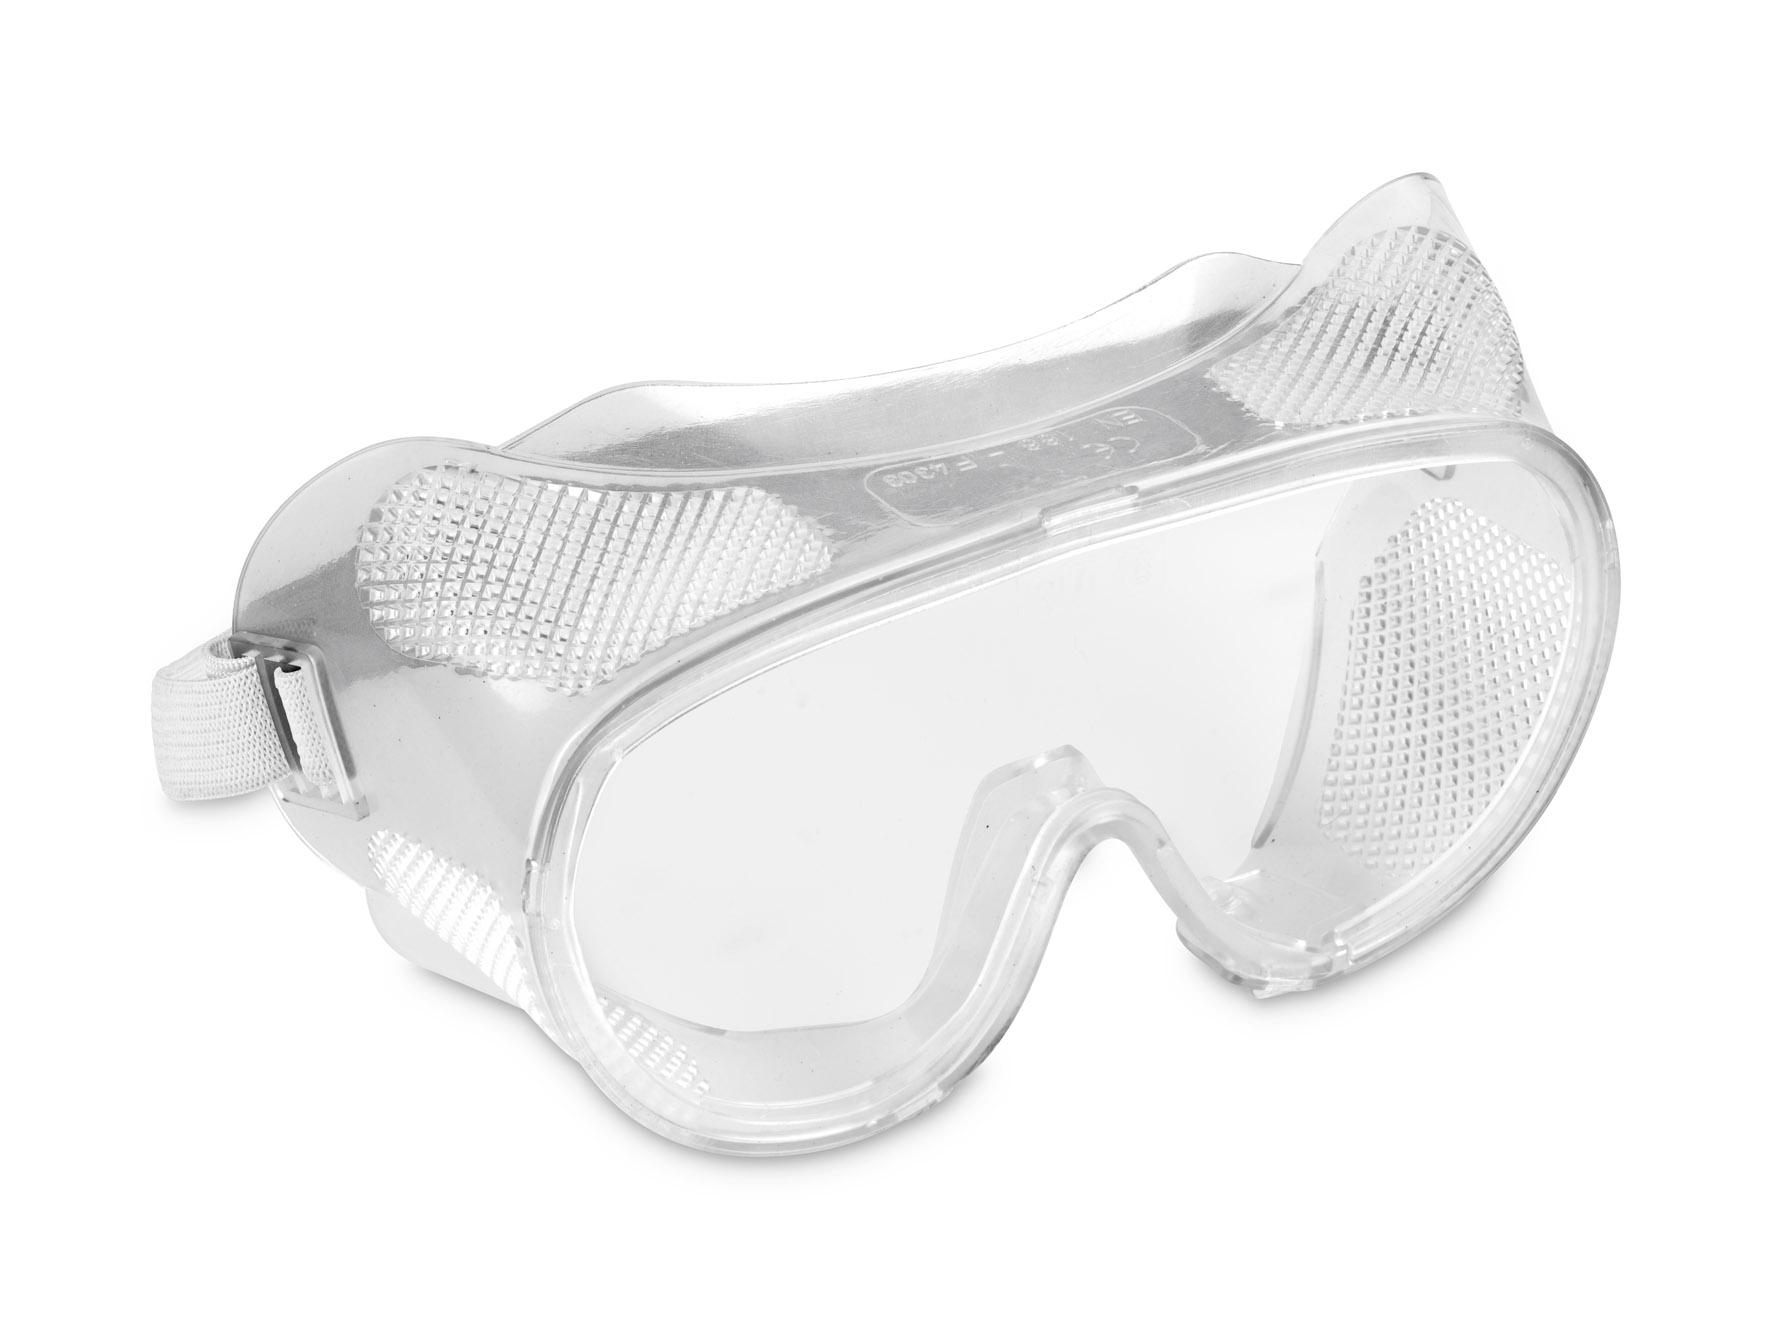 Beskyttelsesbriller klar og dugfri